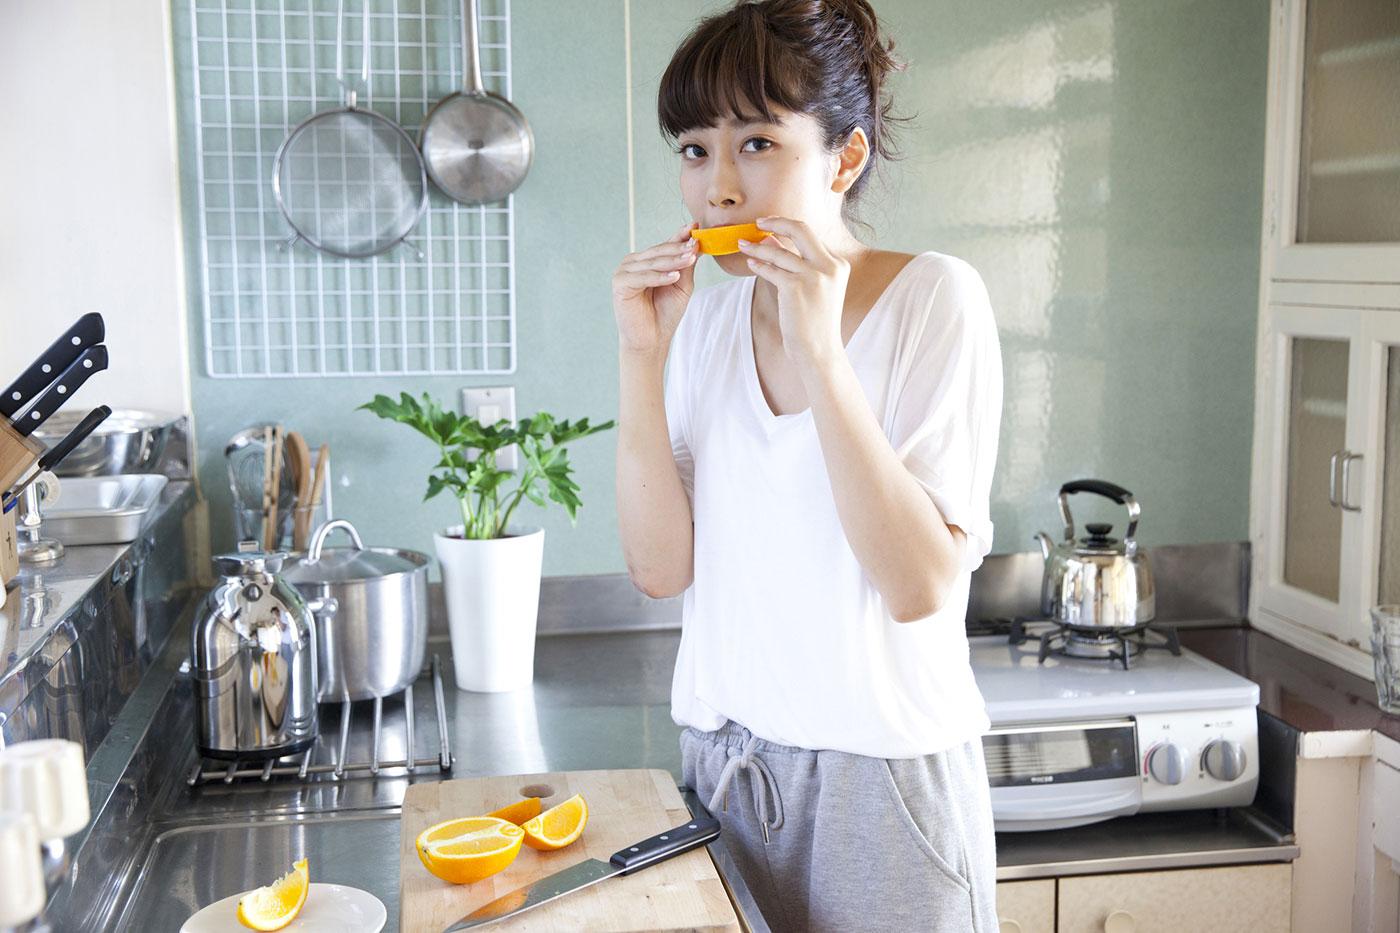 朝のオレンジもNG!?しみが定着してしまう3つの食材